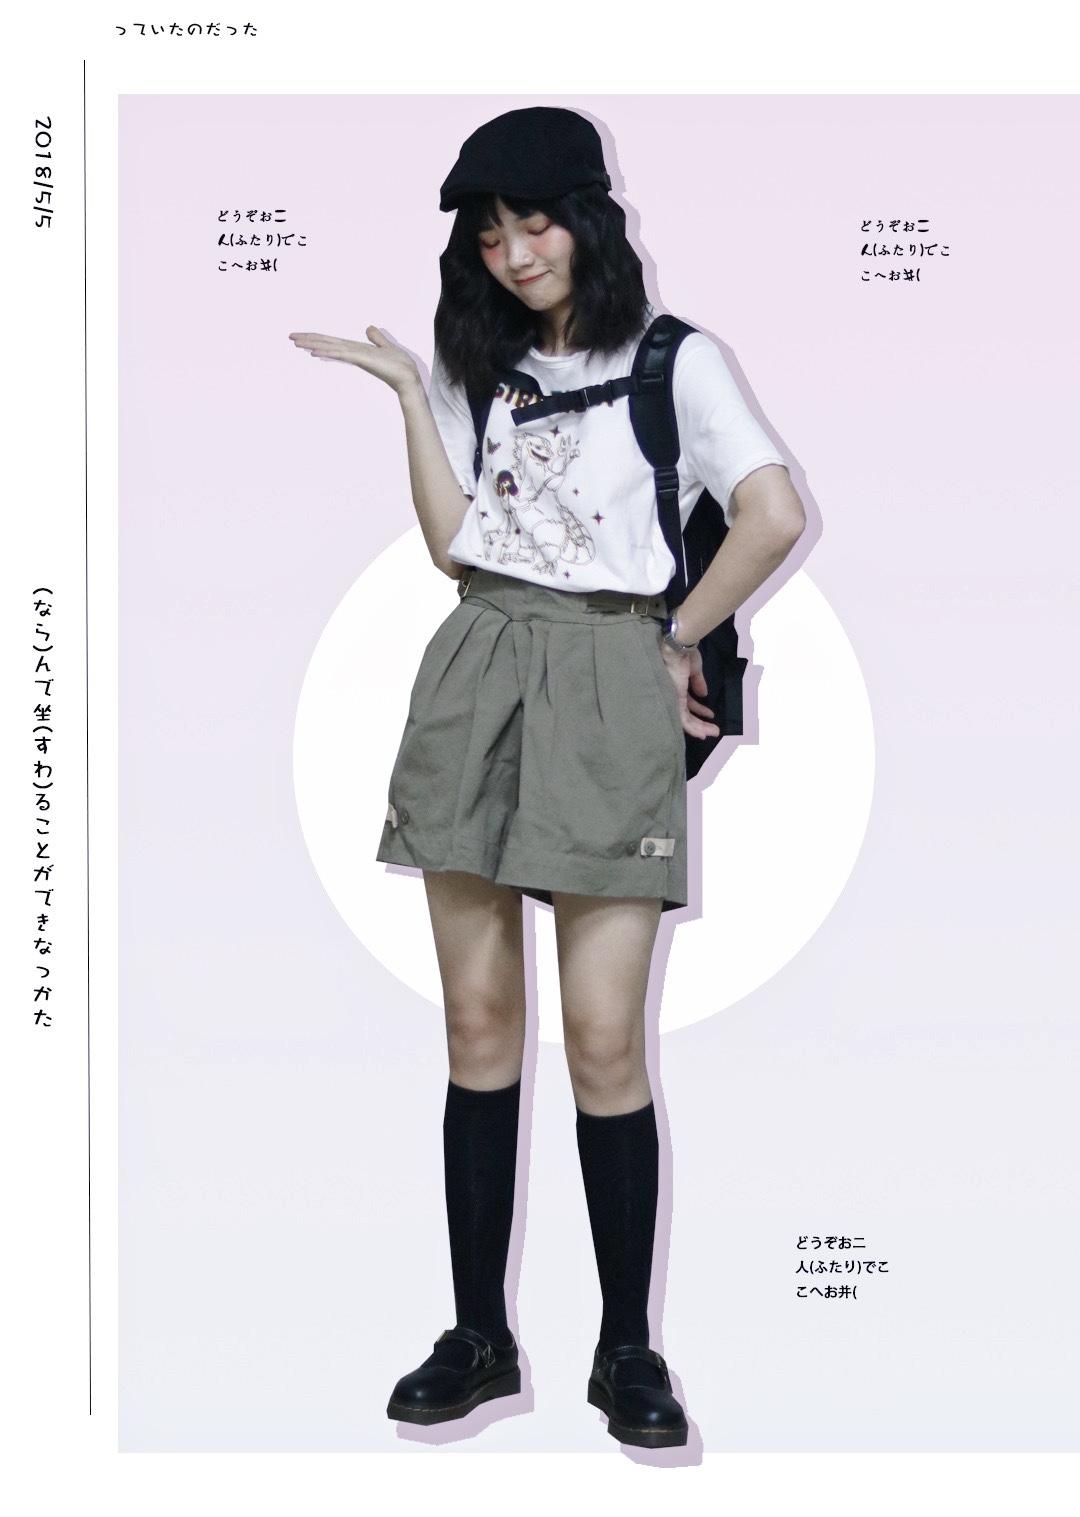 #高腰裤让你一秒拥有漫画腿!# 🎈非常酷🆒的一套啦 哥斯拉短袖T恤特别日系古着感 🎈军绿色工装感高腰裤特别显高显瘦! 🎈搭配中筒袜特别显高 也很🆒